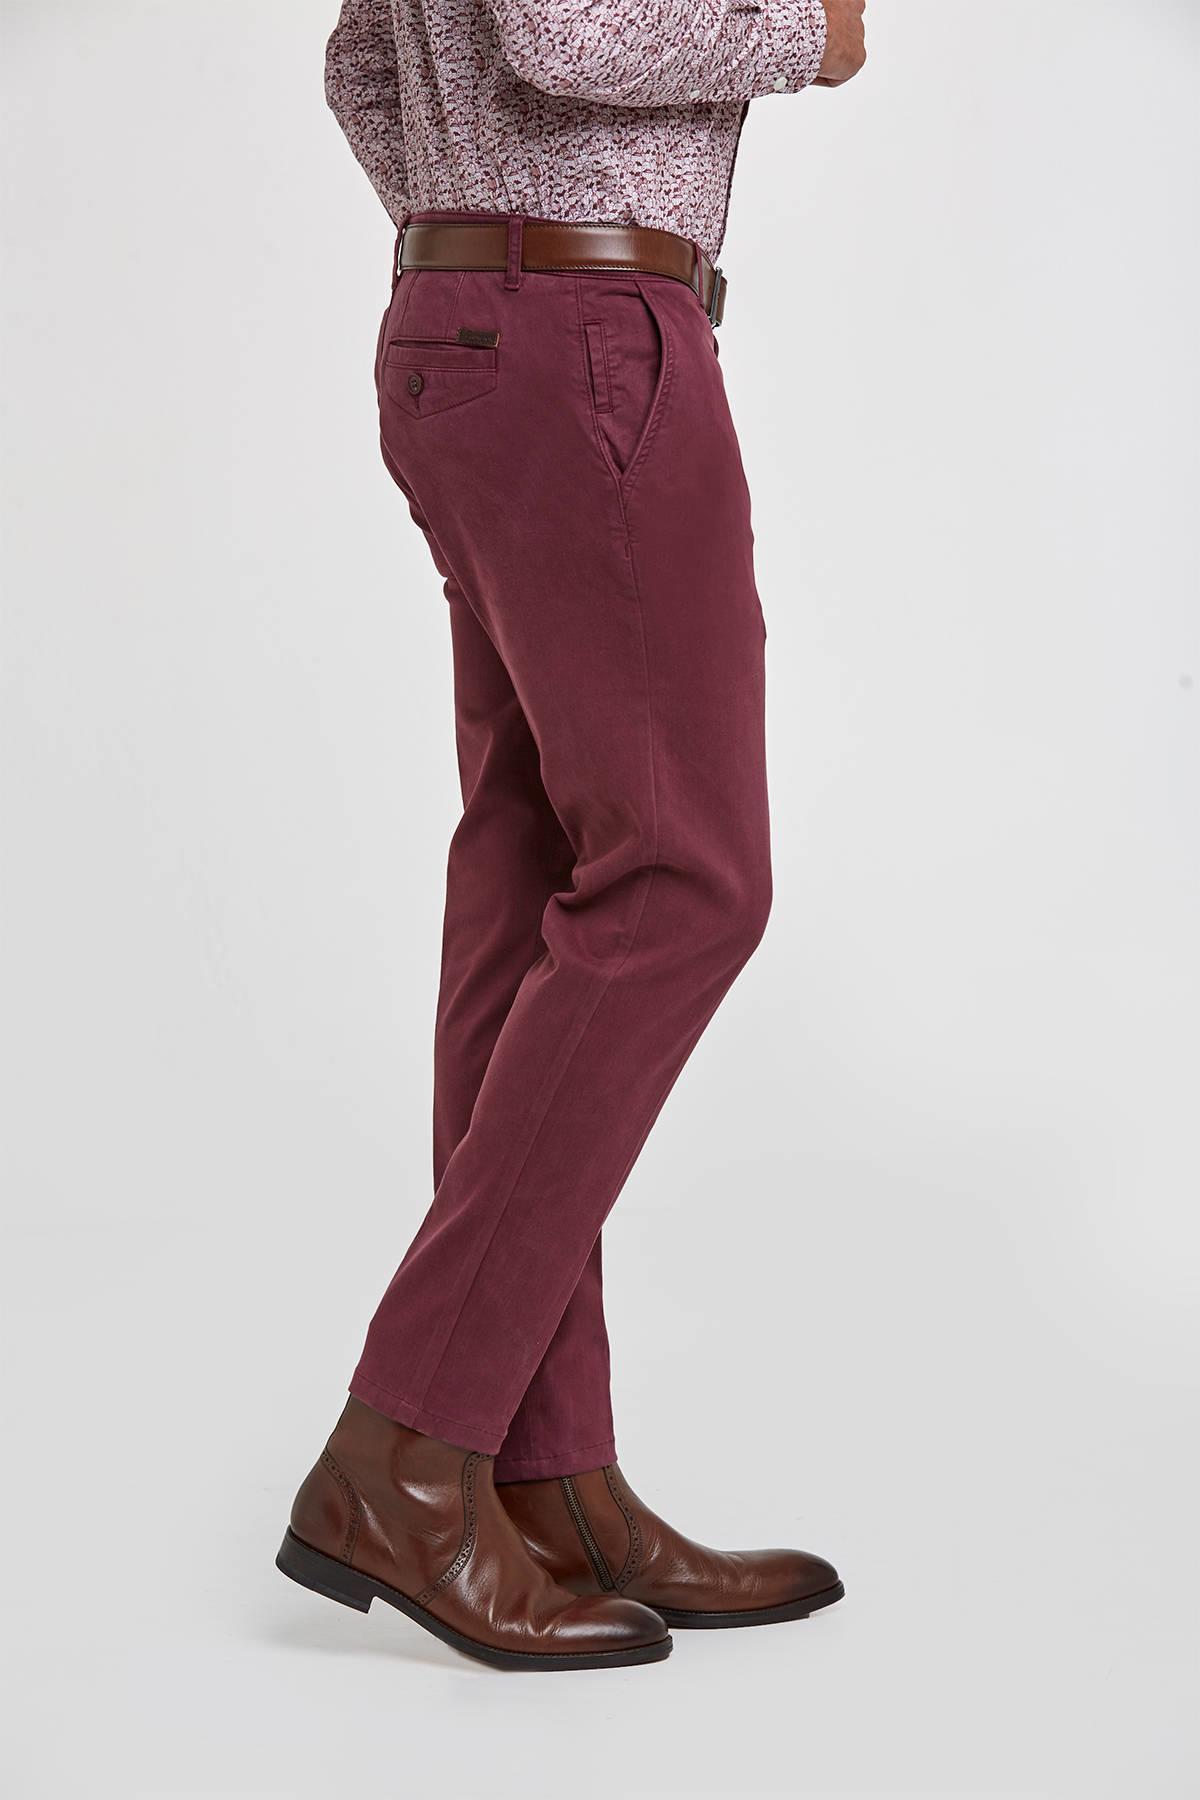 Kadife Dokulu Rose Wood Chino Pantolon